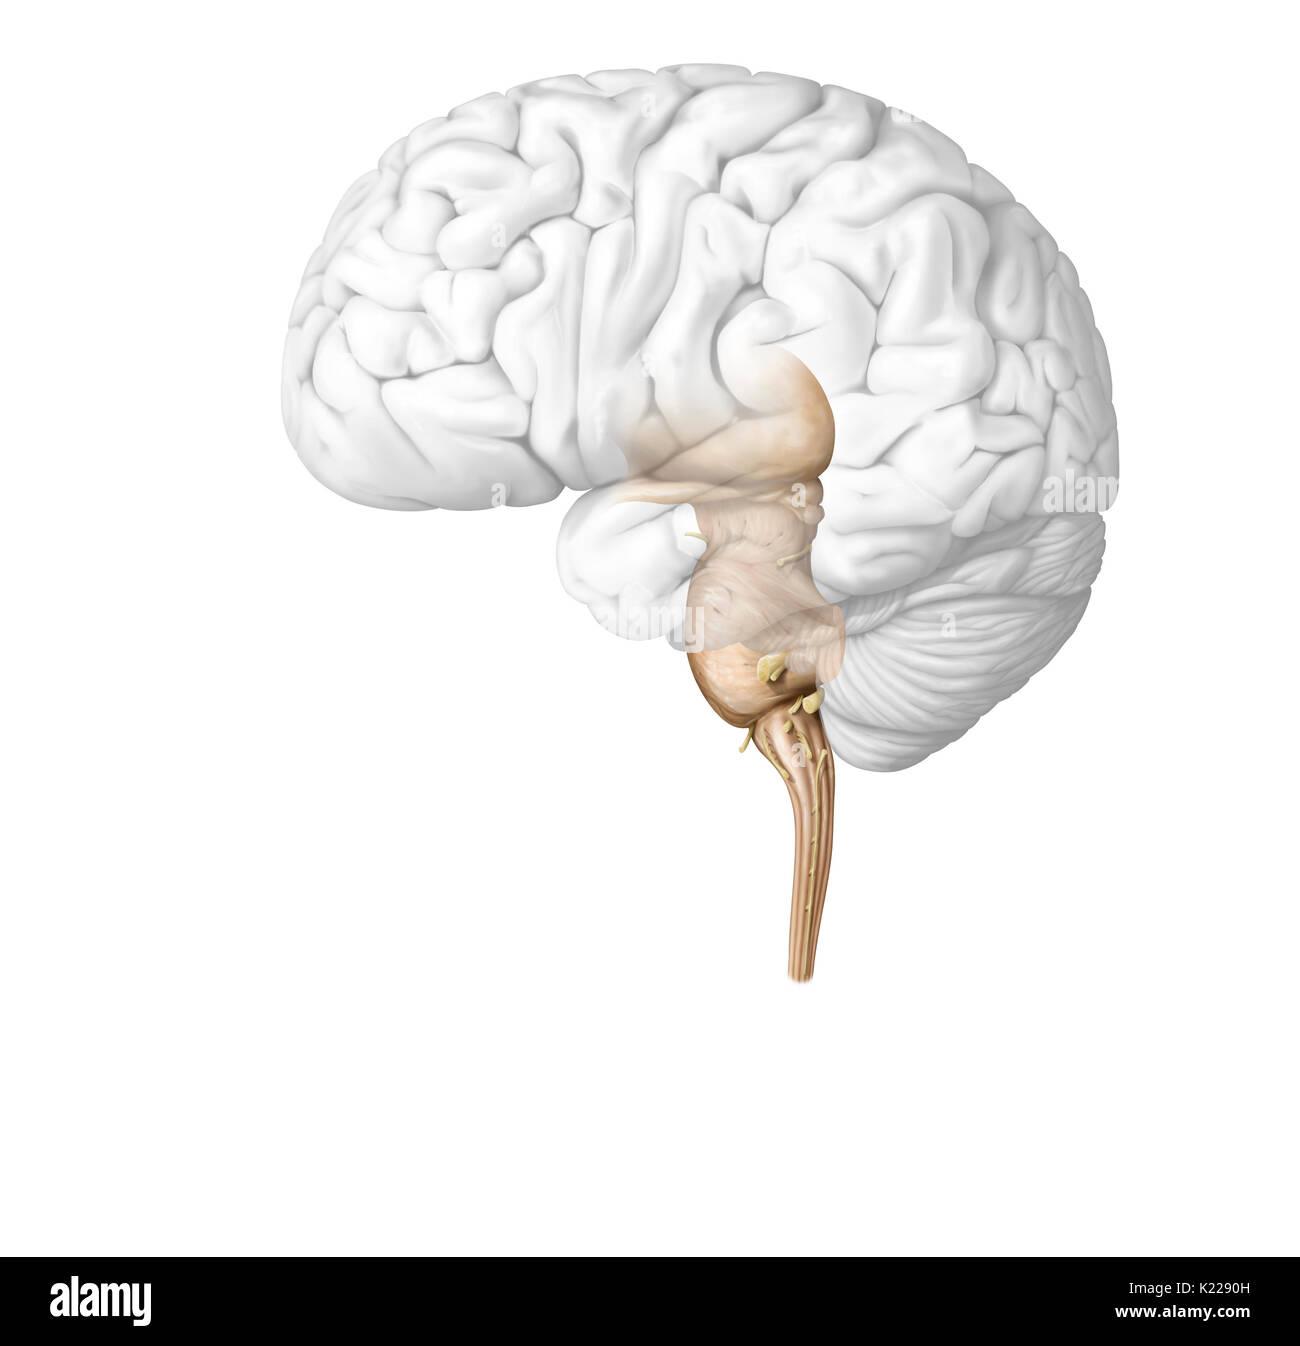 La moelle épinière est formée par un cordon de tissu nerveux central plus de 16 pouces (40 cm) de longueur situé dans le canal vertébral, à l'intérieur de la colonne vertébrale. Il s'étend de la moelle à l'ampoule de la deuxième vertèbre lombaire et est prolongée par un ensemble de fibres nerveuses, la cauda equina. Composé de neurones moteurs et sensoriels, de la moelle épinière assure la transmission de messages entre les nerfs spinaux et le cerveau, en plus d'être un reflex. Photo Stock